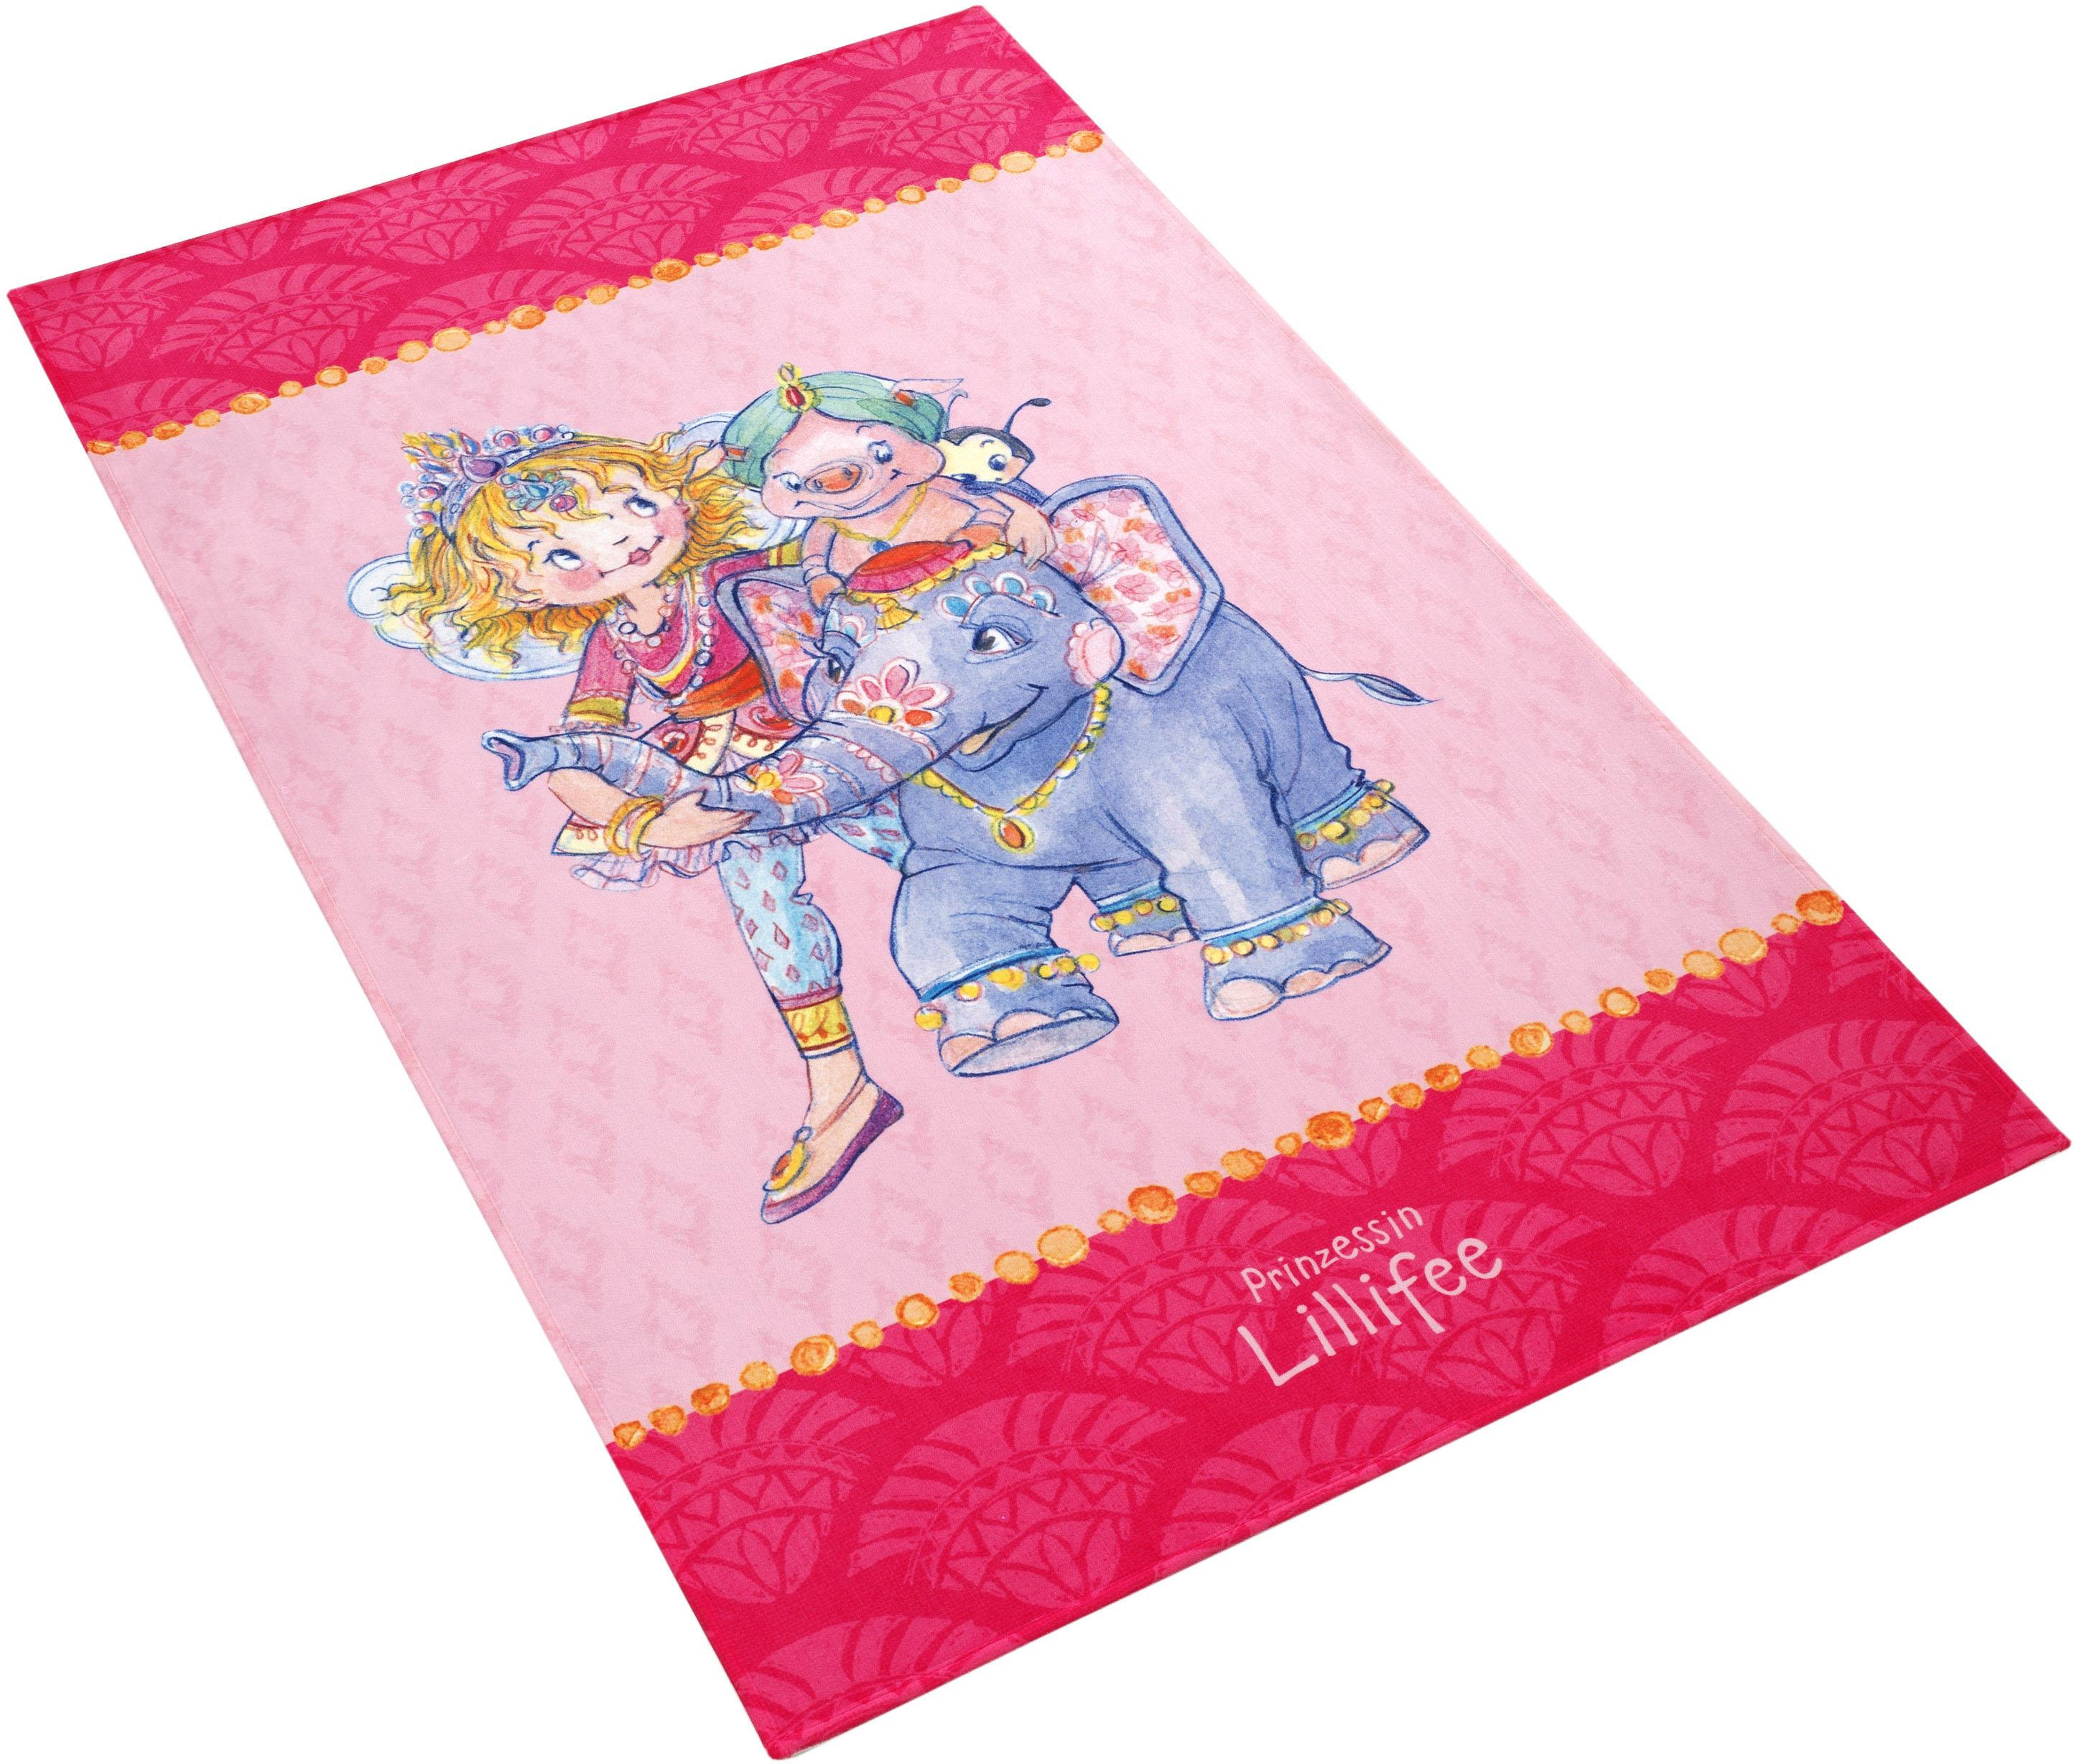 Kinderteppich LI-111 Prinzessin Lillifee rechteckig Höhe 6 mm gedruckt